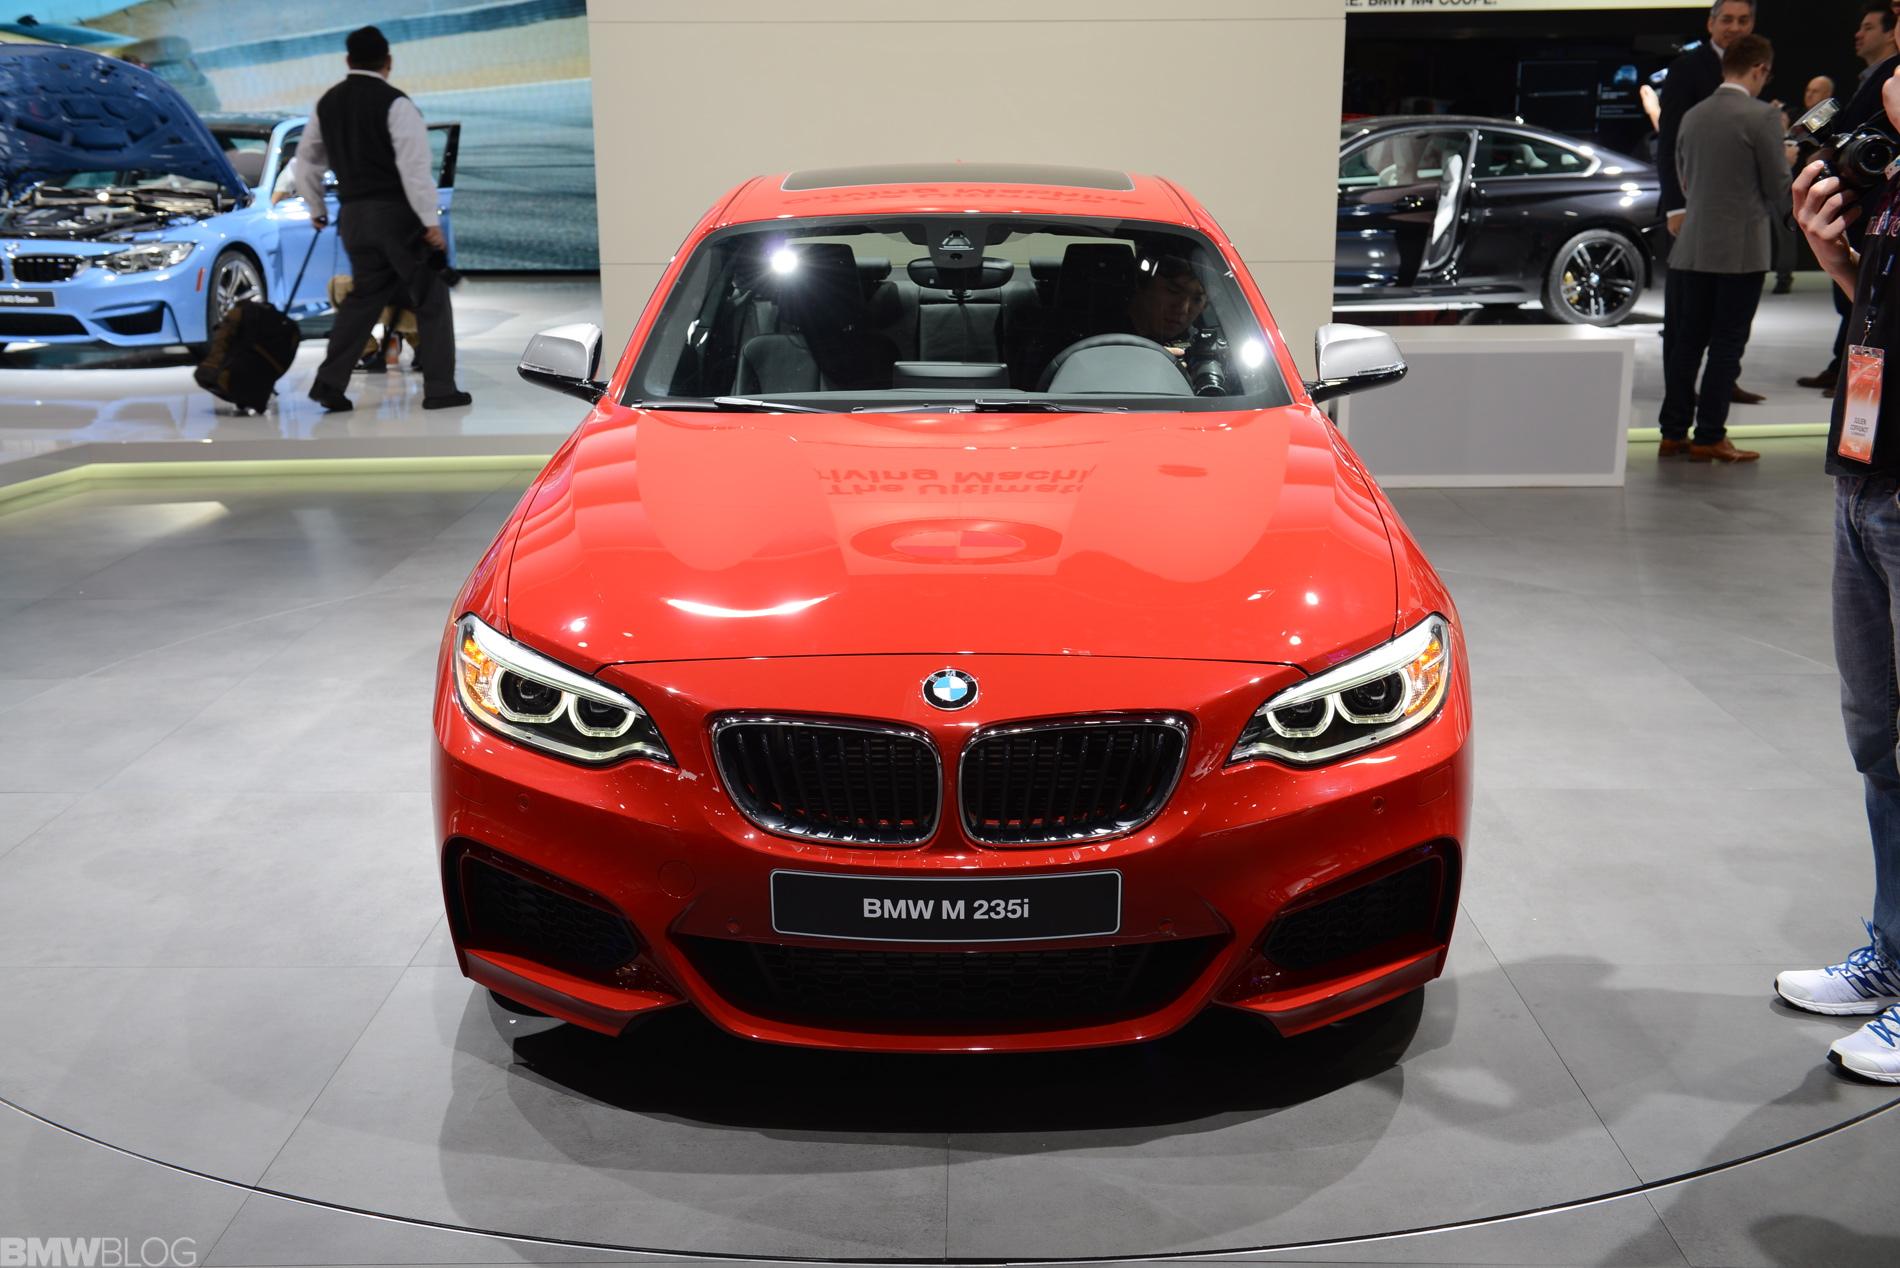 bmw m235i detroit auto show images 06